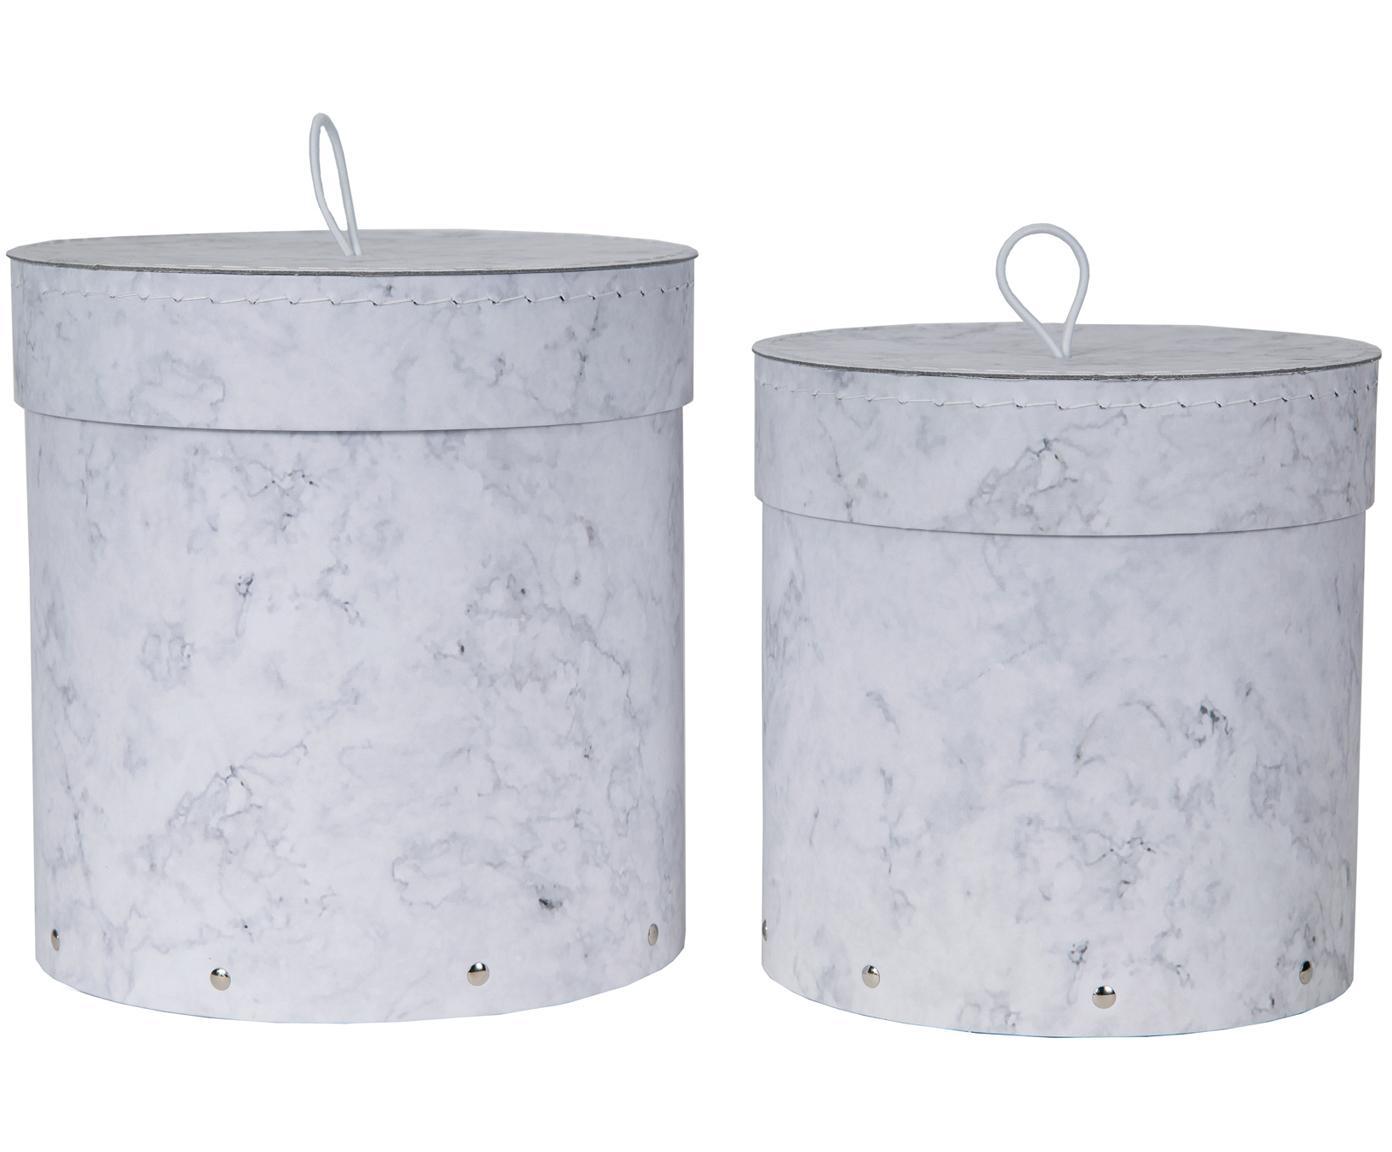 Komplet pudełek do przechowywania Hanna, 2 elem., Biały, marmurowy, Różne rozmiary